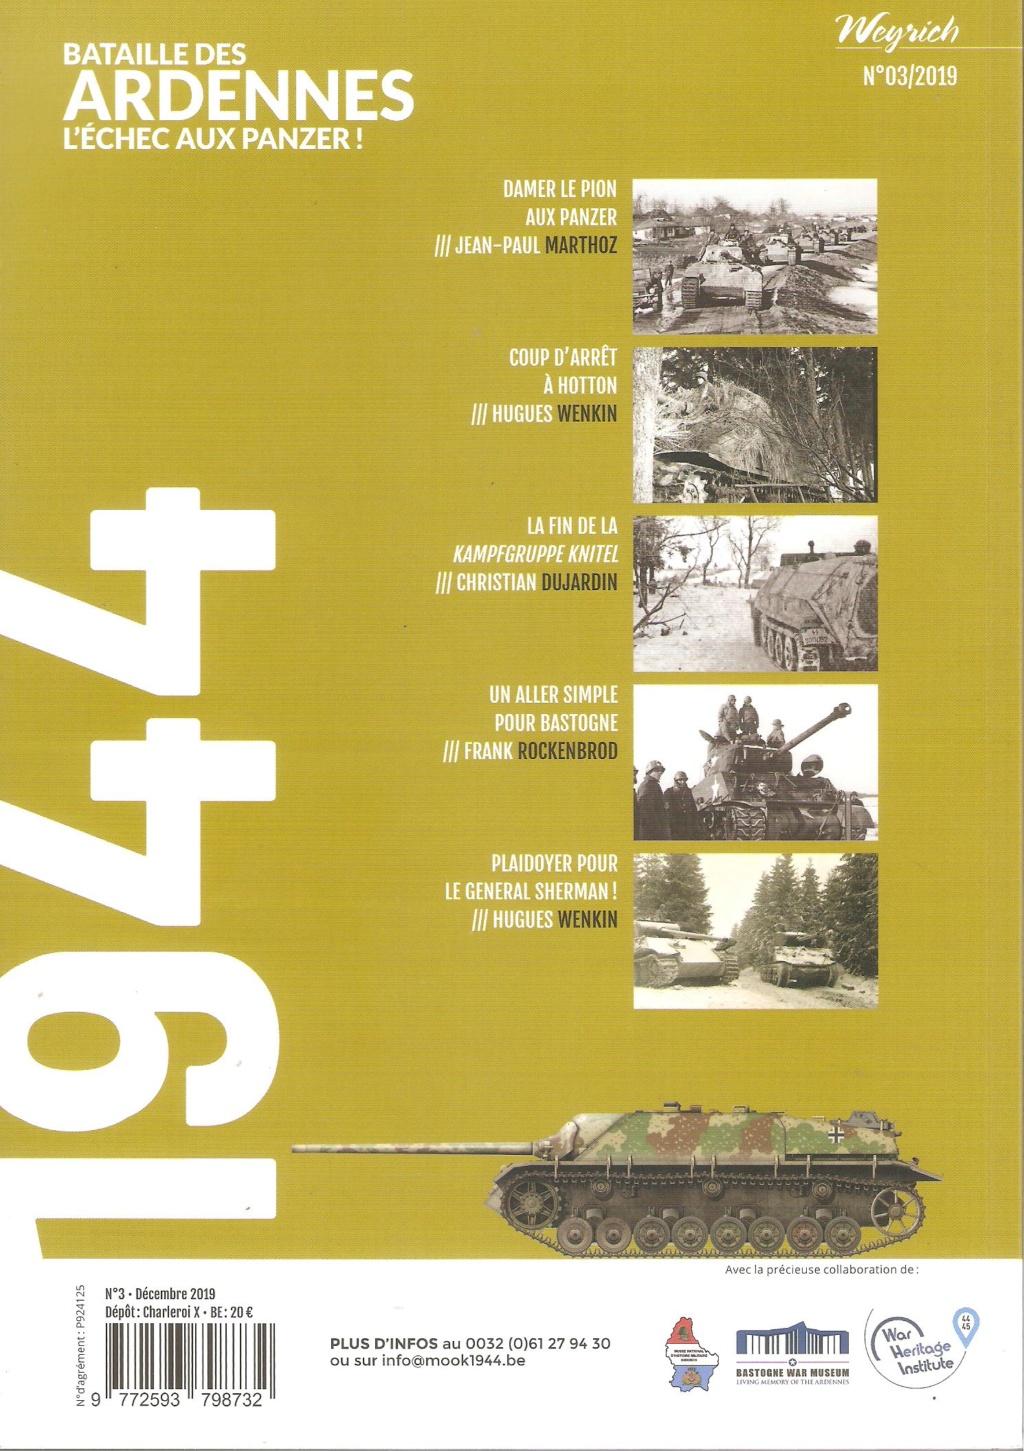 Mook 1944 - Batailles des Ardennes. L'échec aux Panzers Mook3s10